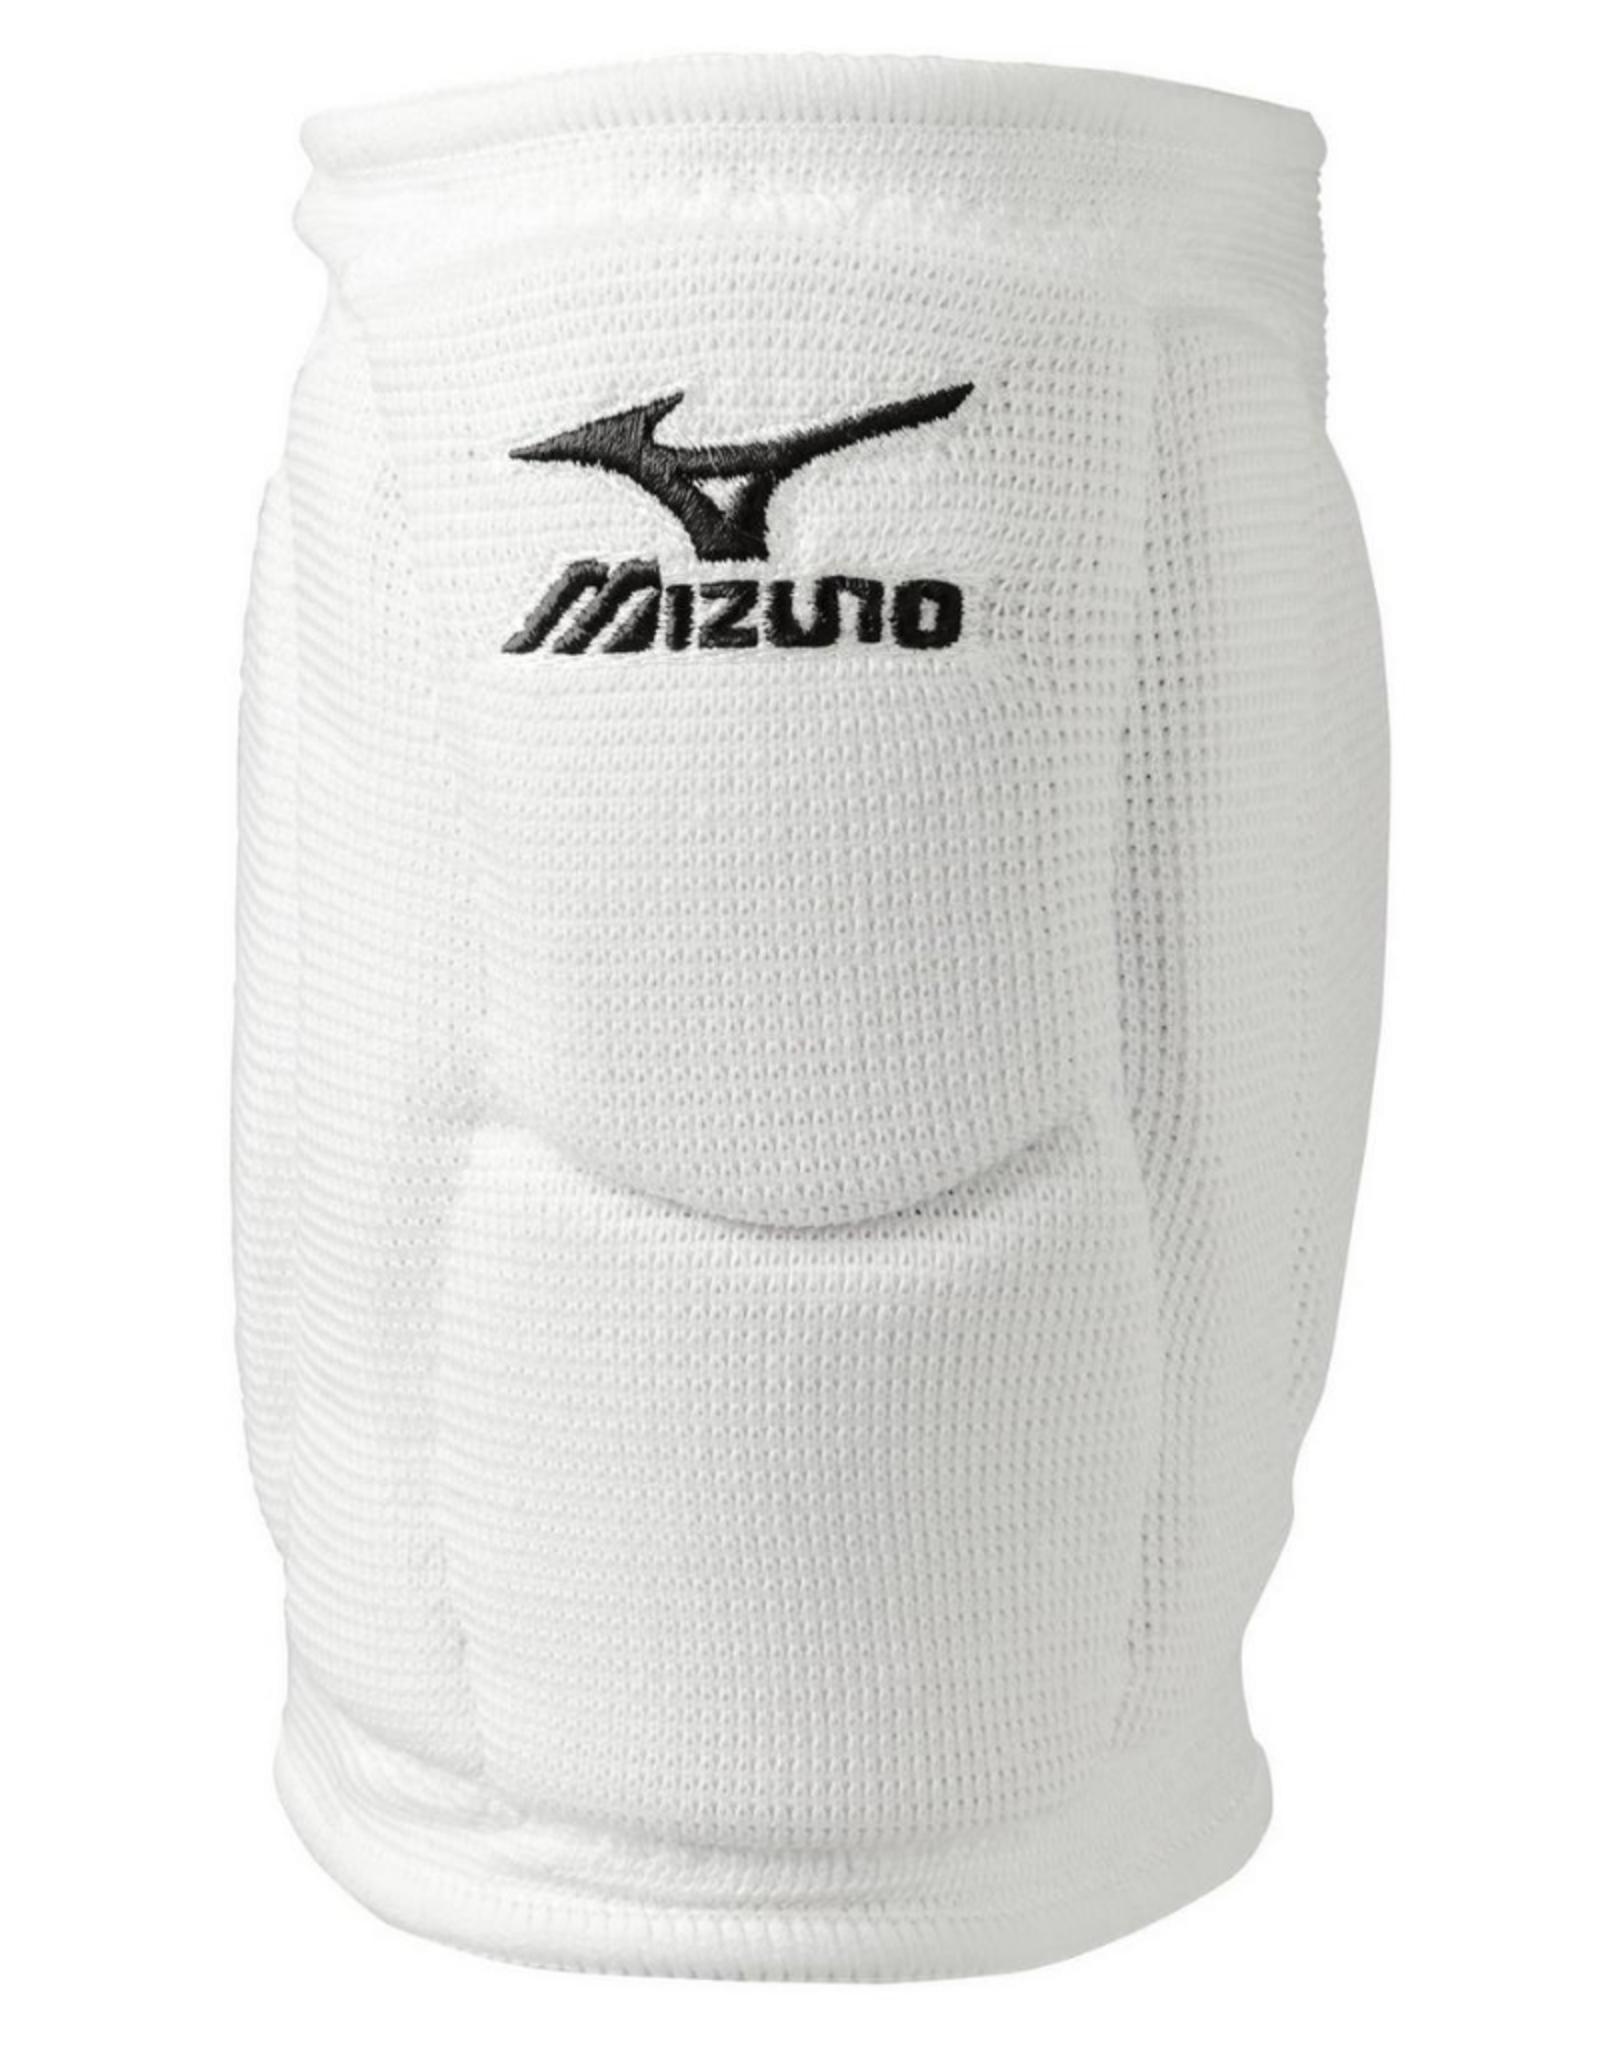 Mizuno Adult Elite 9 SL2 Volleyball Kneepads White